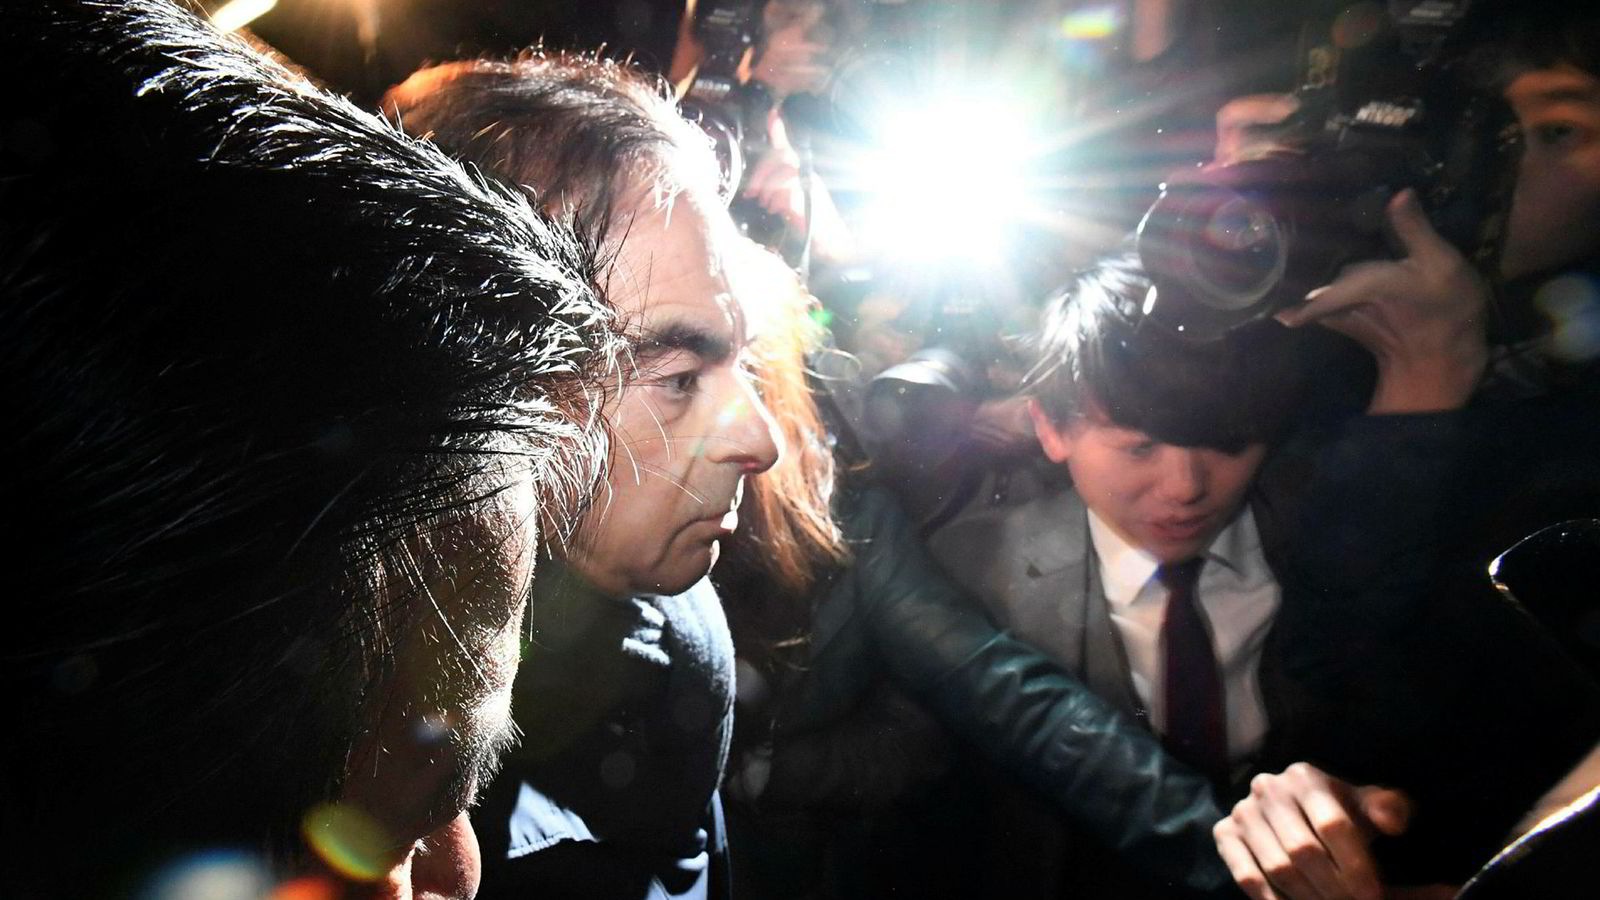 Under en måned etter at tidligere Nissan-sjef Carlos Ghosn ble løslatt mot kausjon ble han arrestert i morgentimene på torsdag. Det er mistanke om at han mottok flere hundre millioner kroner fra en Nissan-distributør i Oman. Han avviser påstandene.